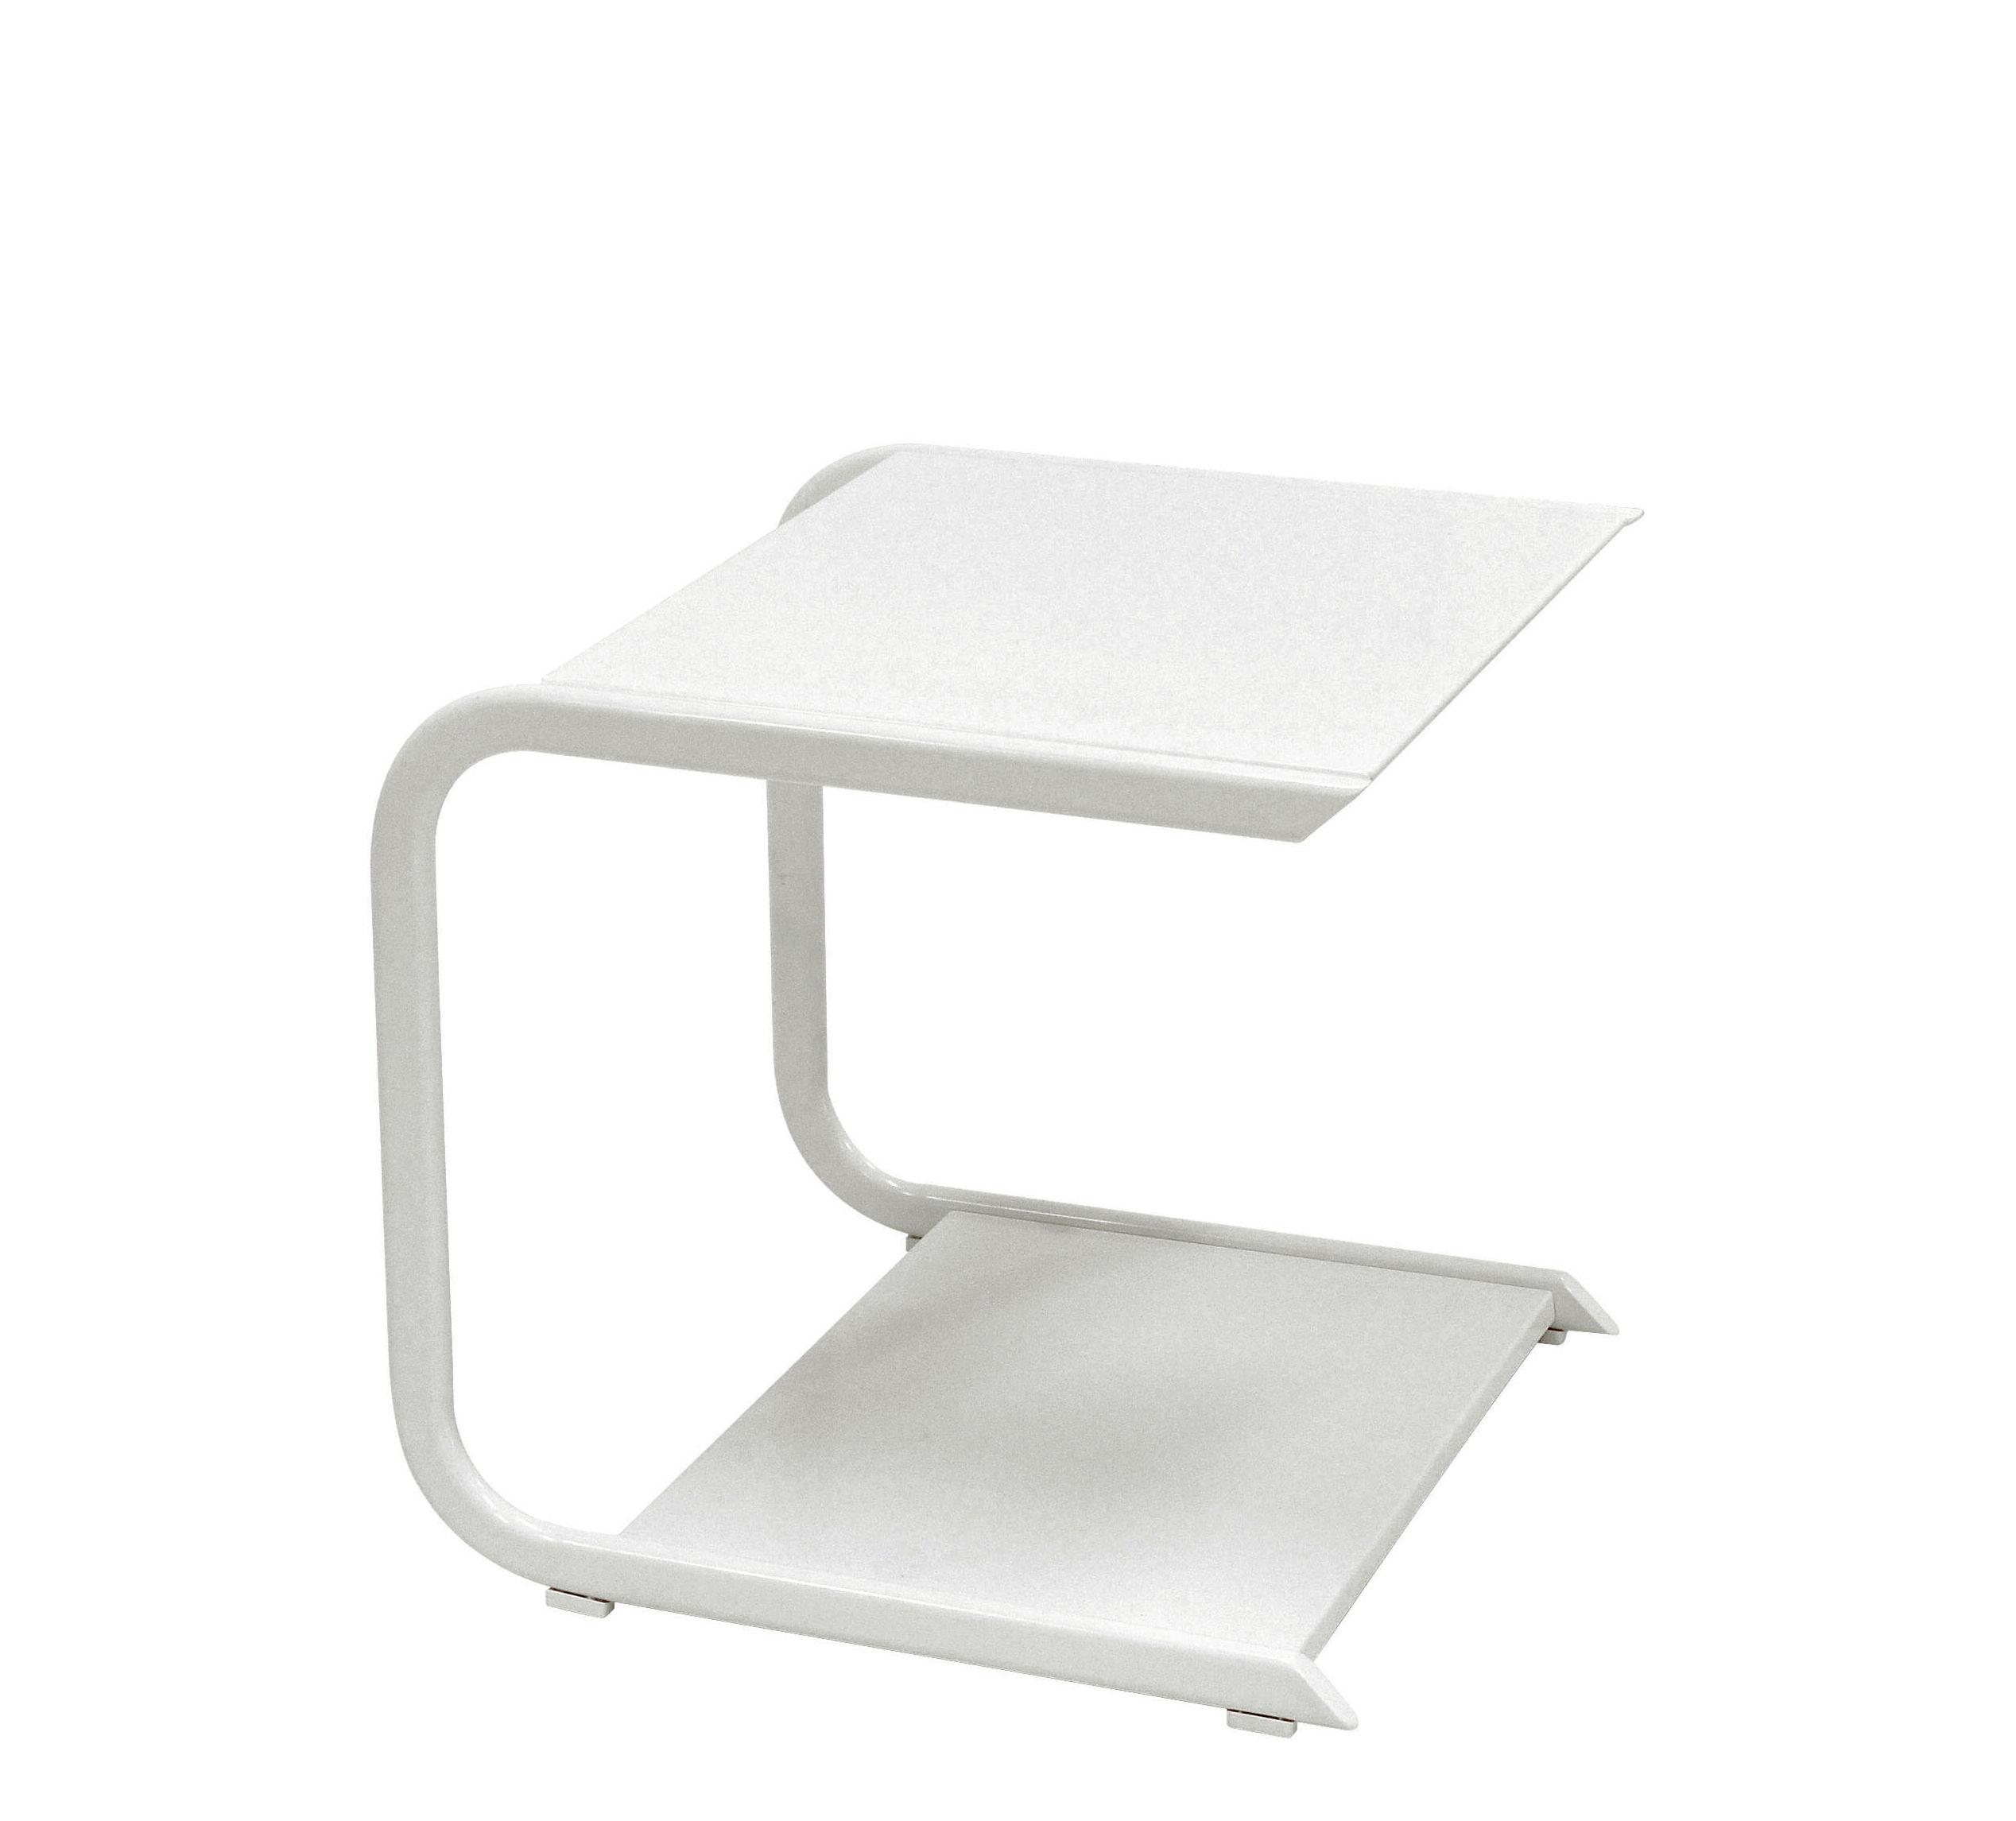 Arredamento - Tavolini  - Tavolino Holly - / L 44 cm di Emu - Bianco - alluminio verniciato, Inox